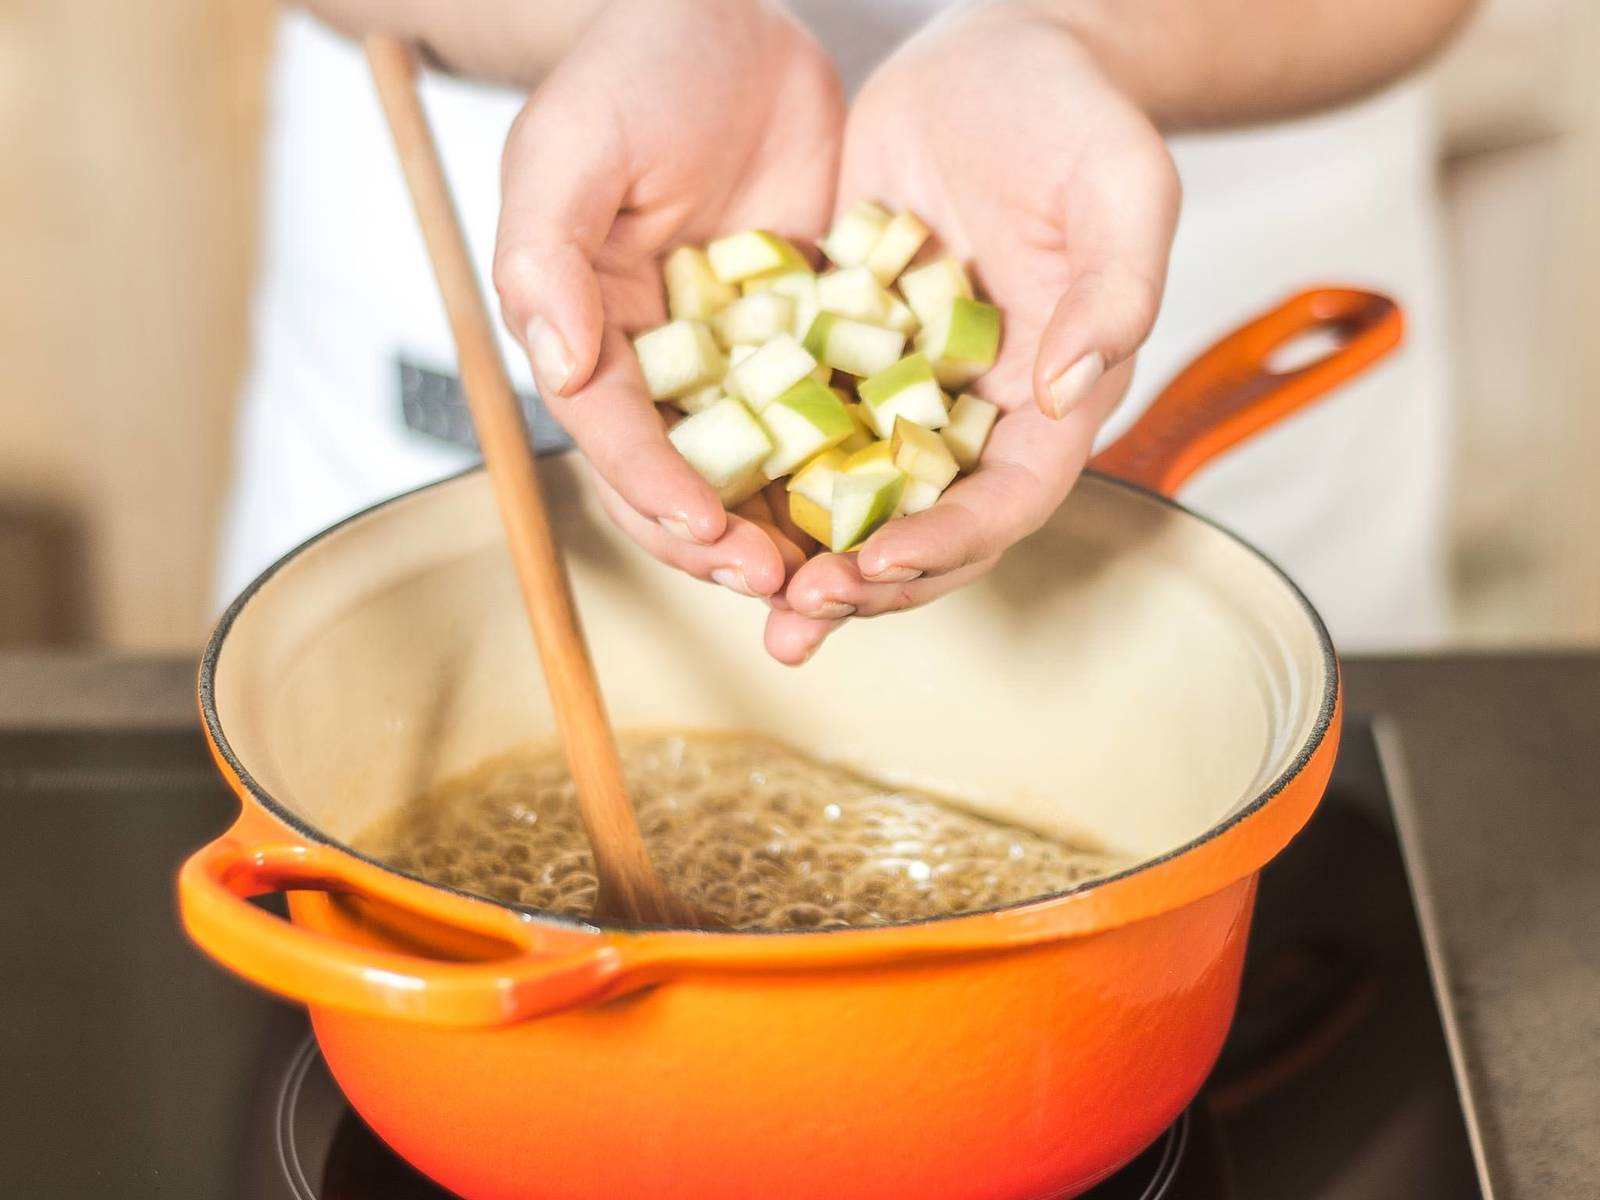 再加入苹果块、肉桂和一小撮盐,继续用中温煮5-10分钟至水果软化。